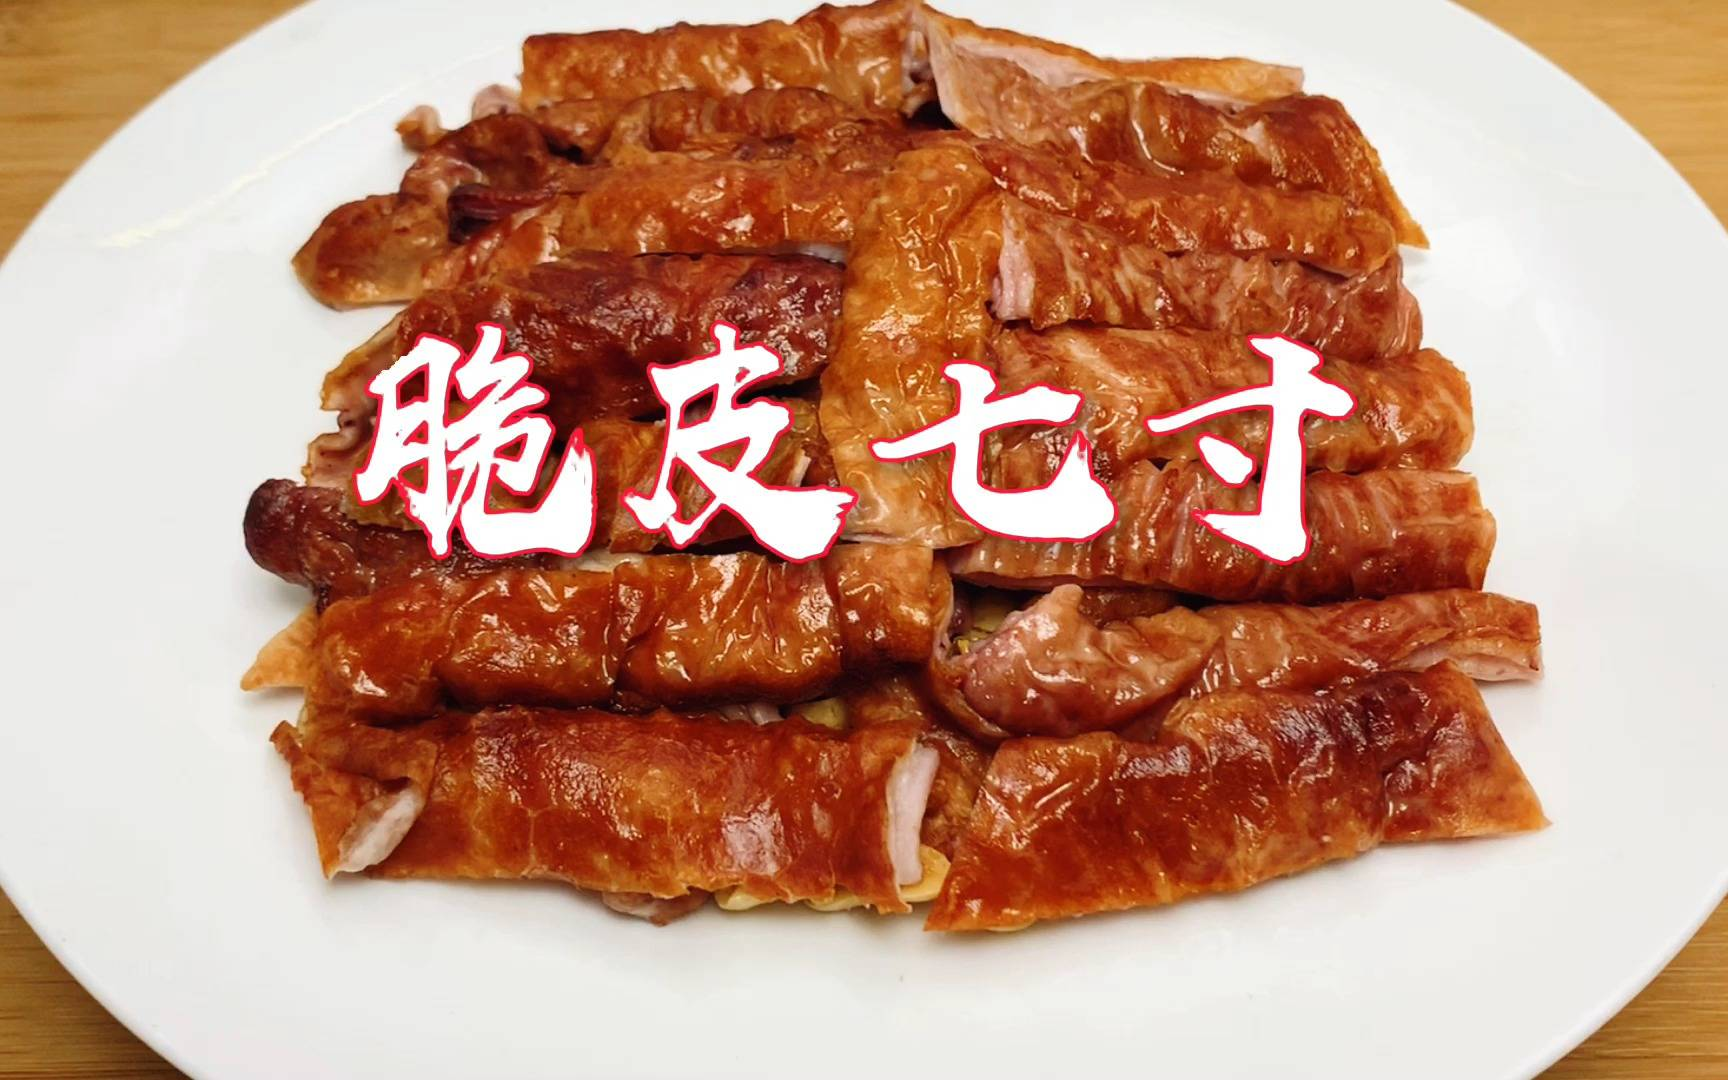 猪大肠这样做太香了,外脆里香,软烂没有异味,学会给家人露一手